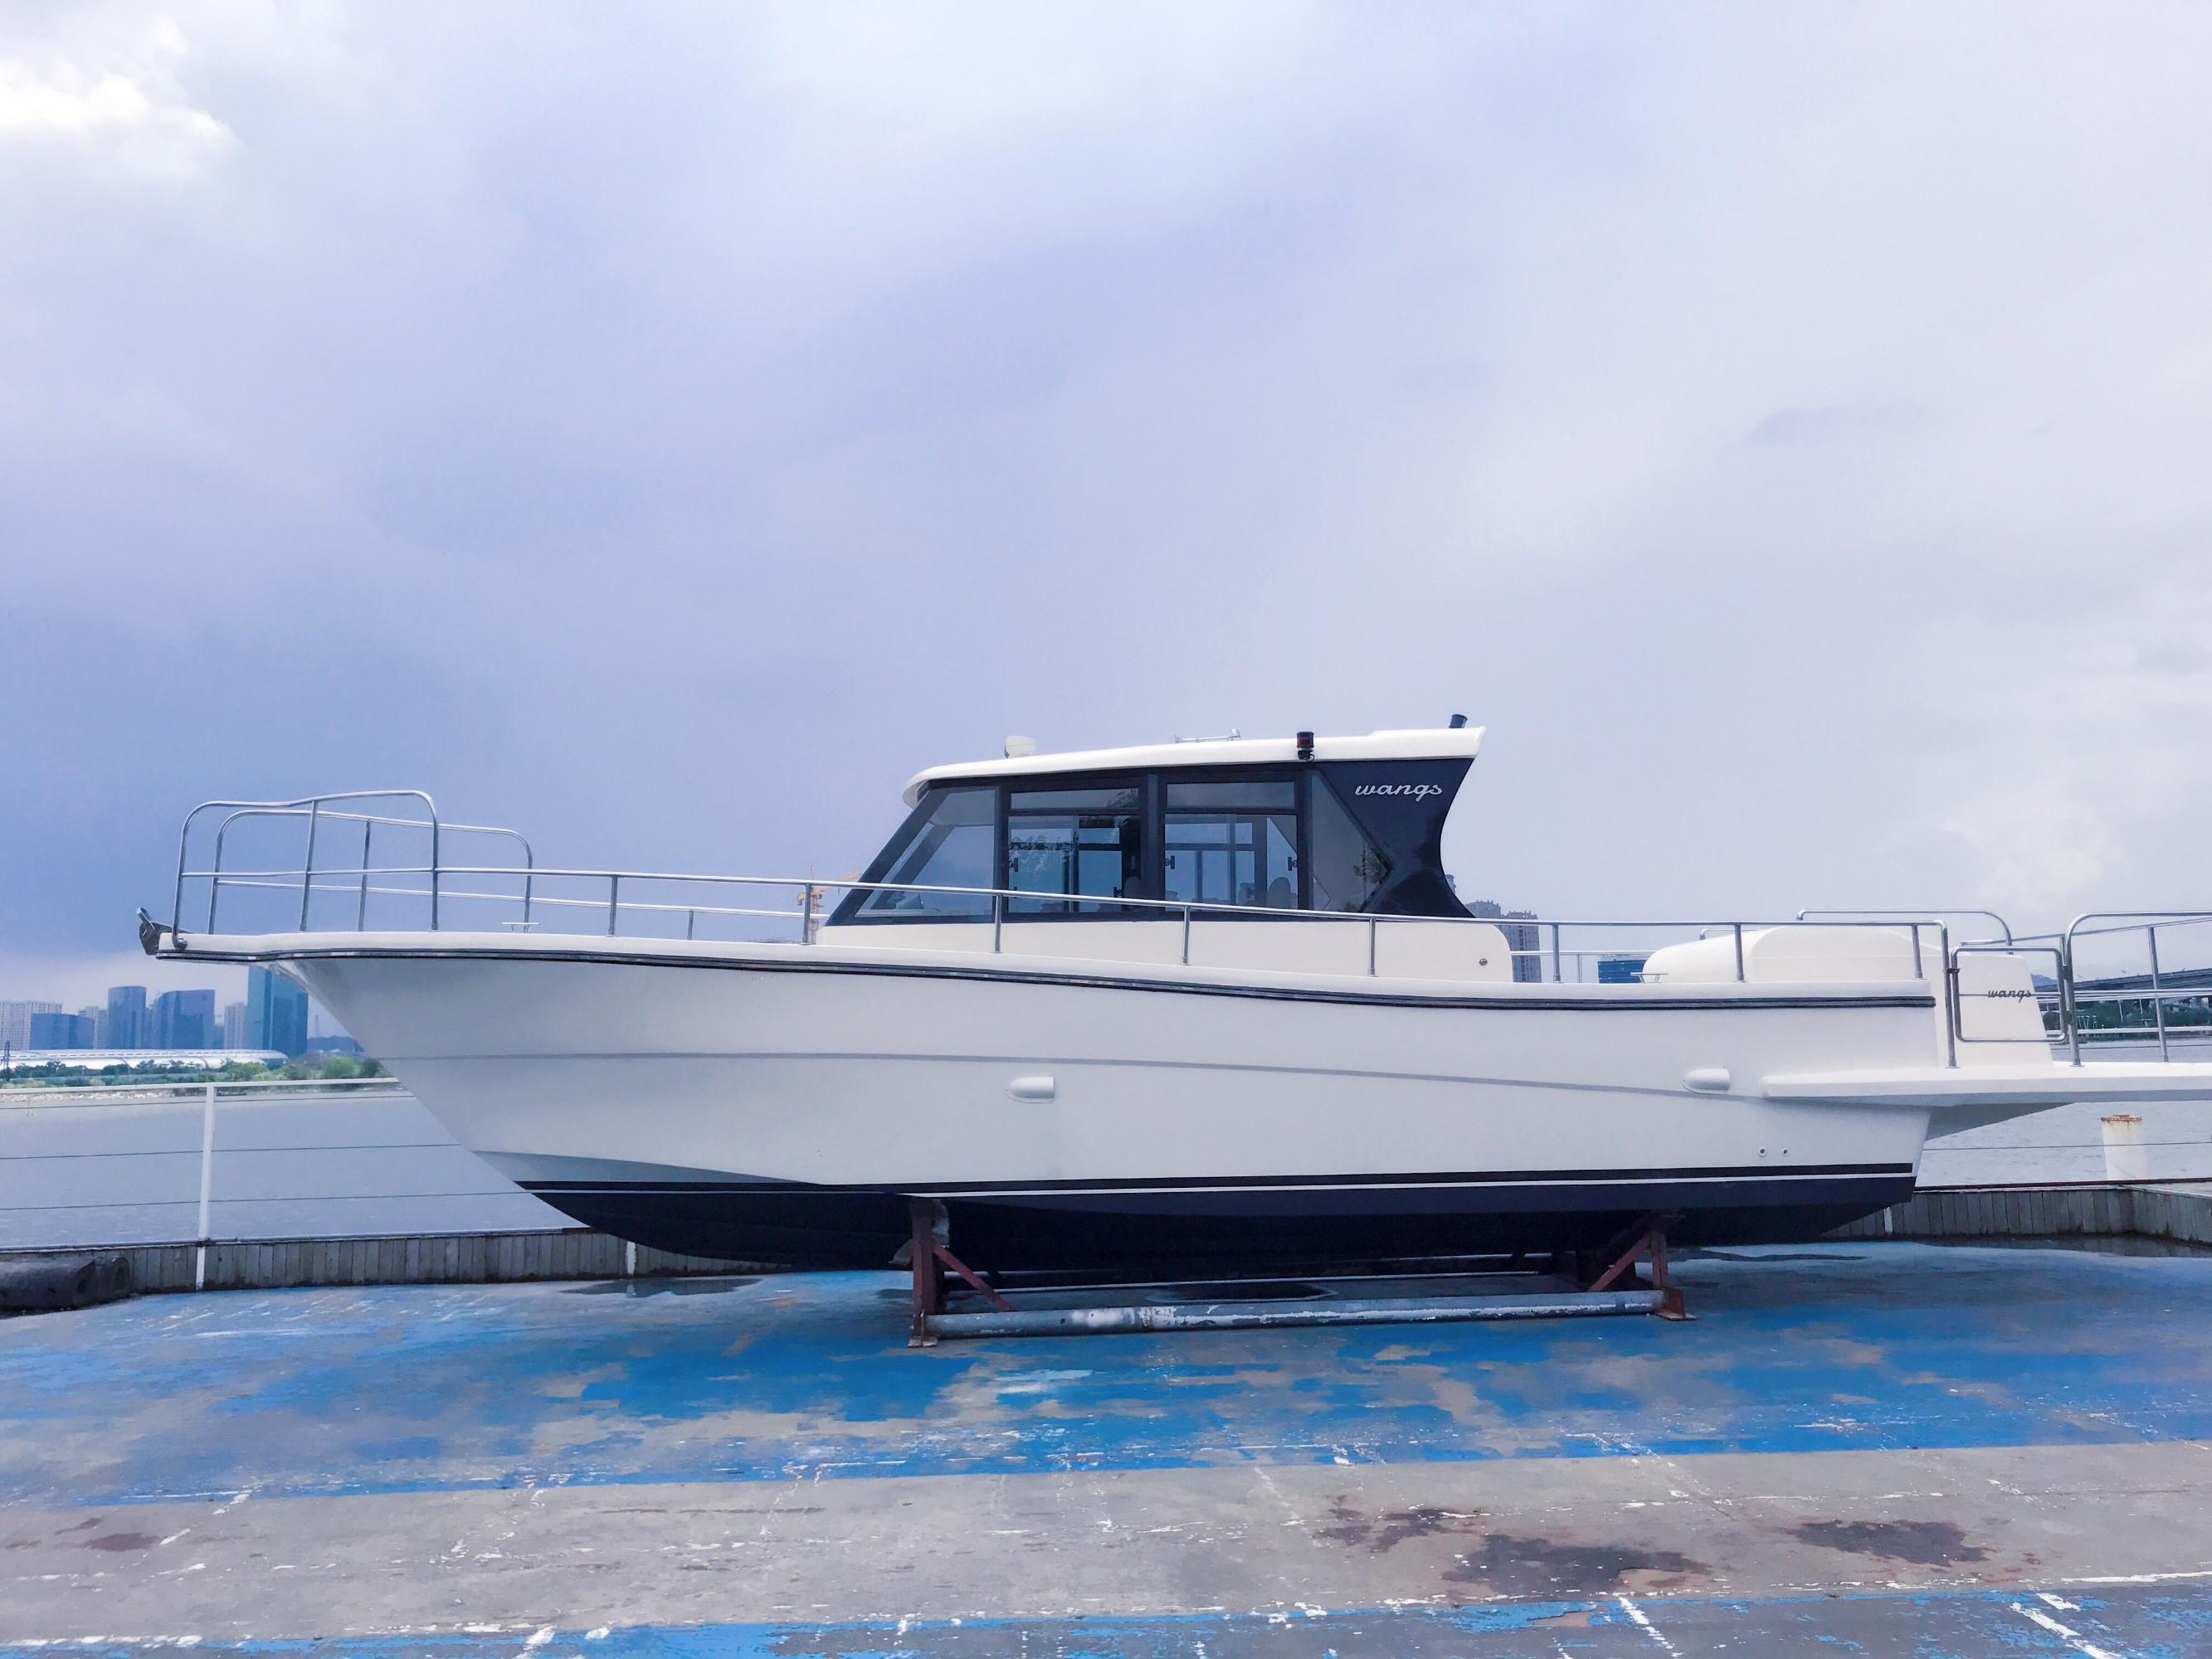 39呎游钓艇,SUZUKI\ 175HP 双机\四冲\液压方向,可选